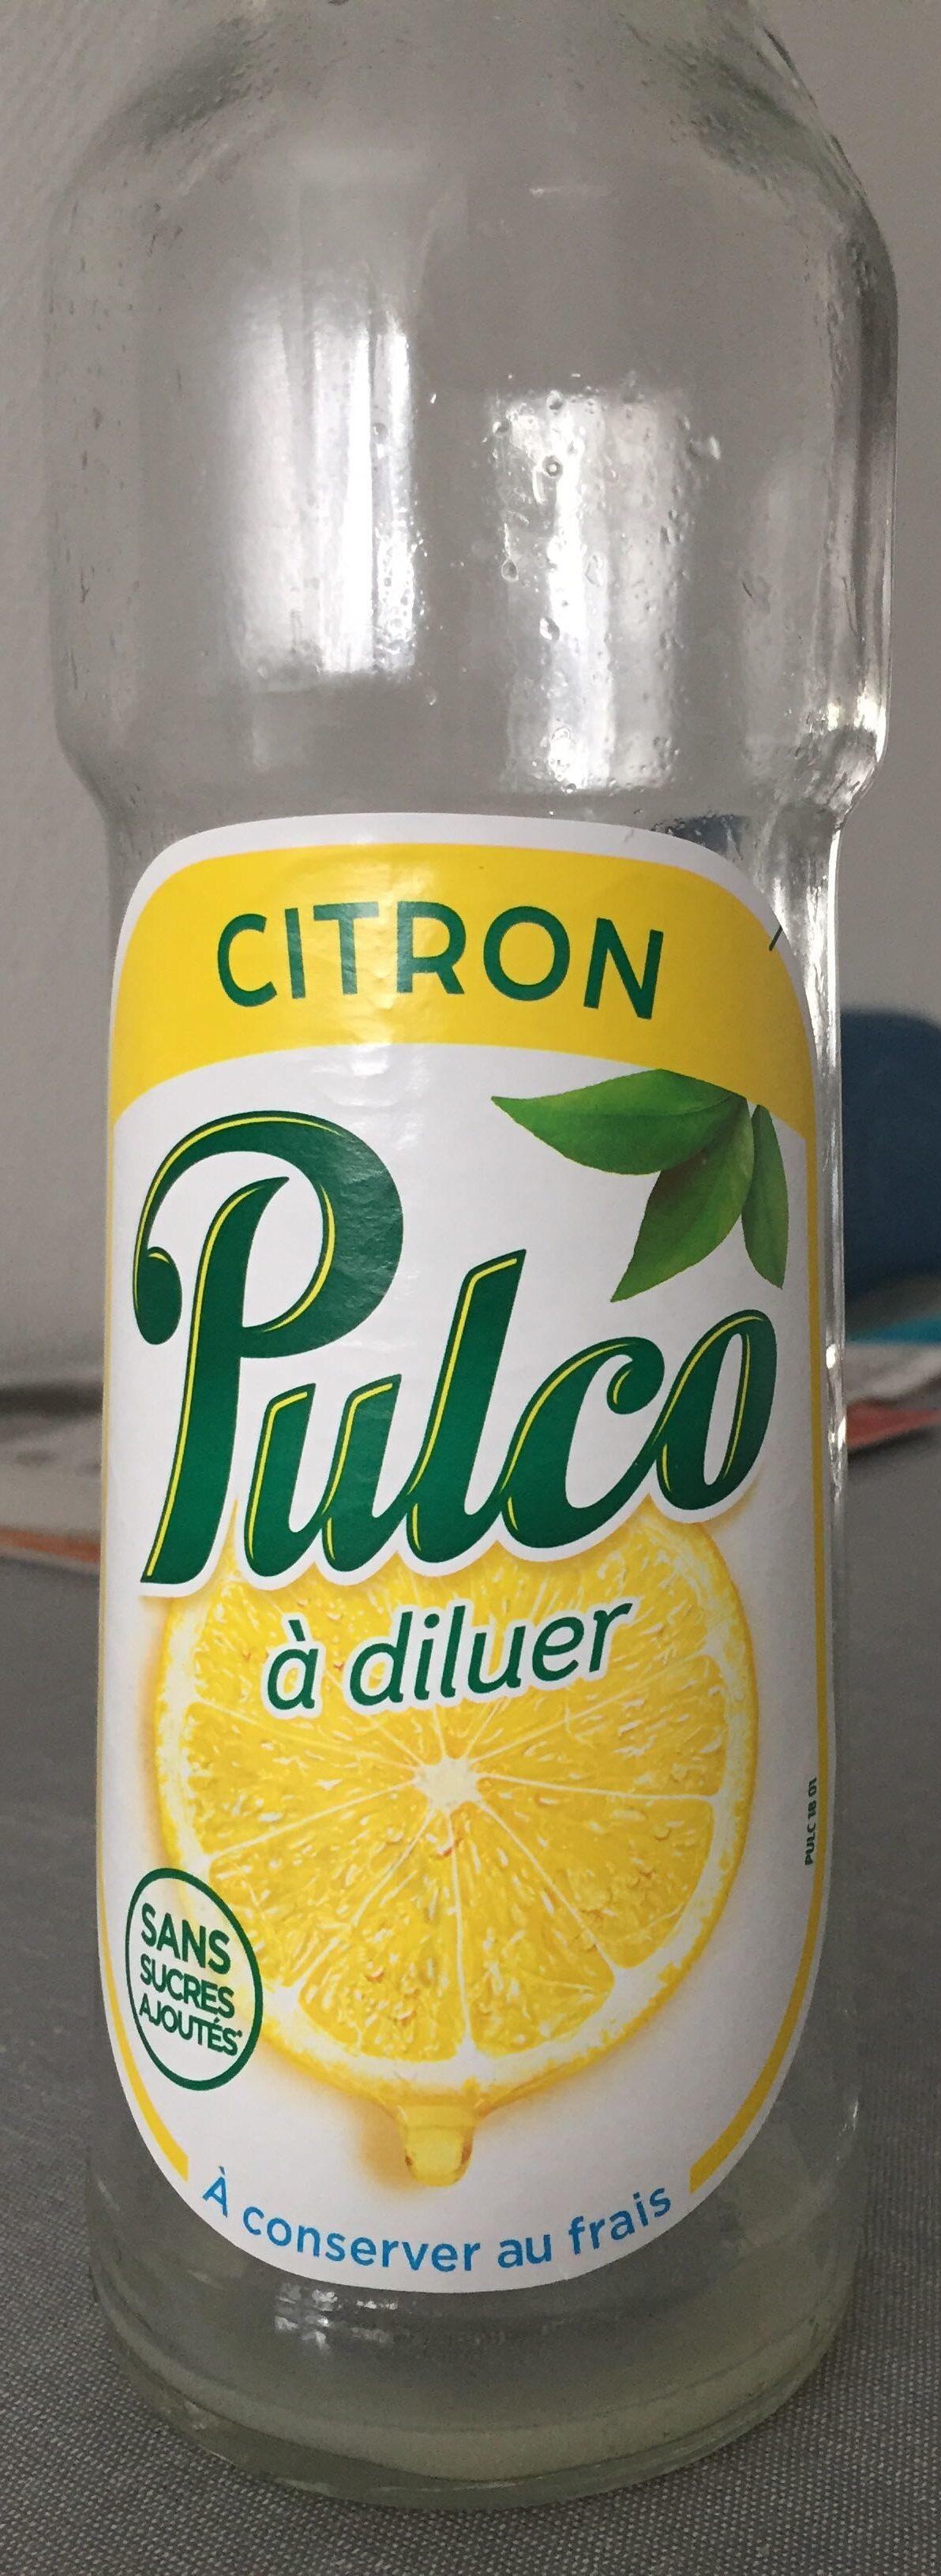 Pulco citron - Produit - fr